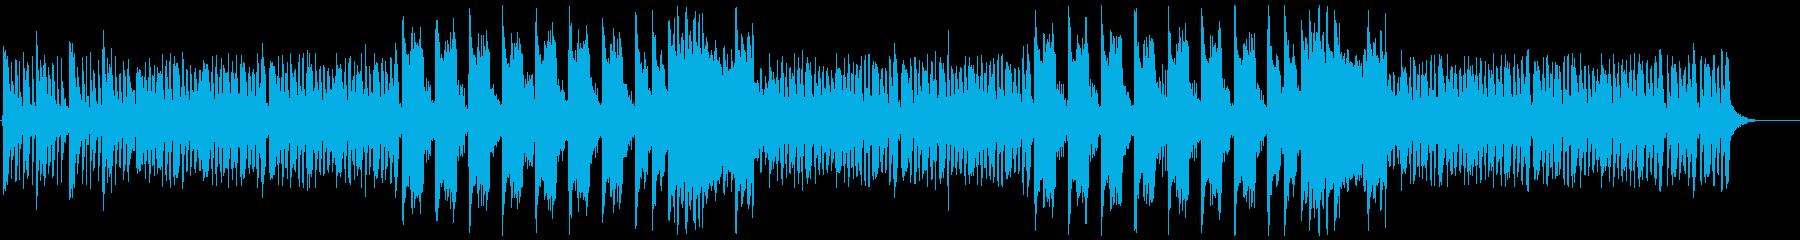 ポップで可愛い&怪しげなハロウィン曲の再生済みの波形